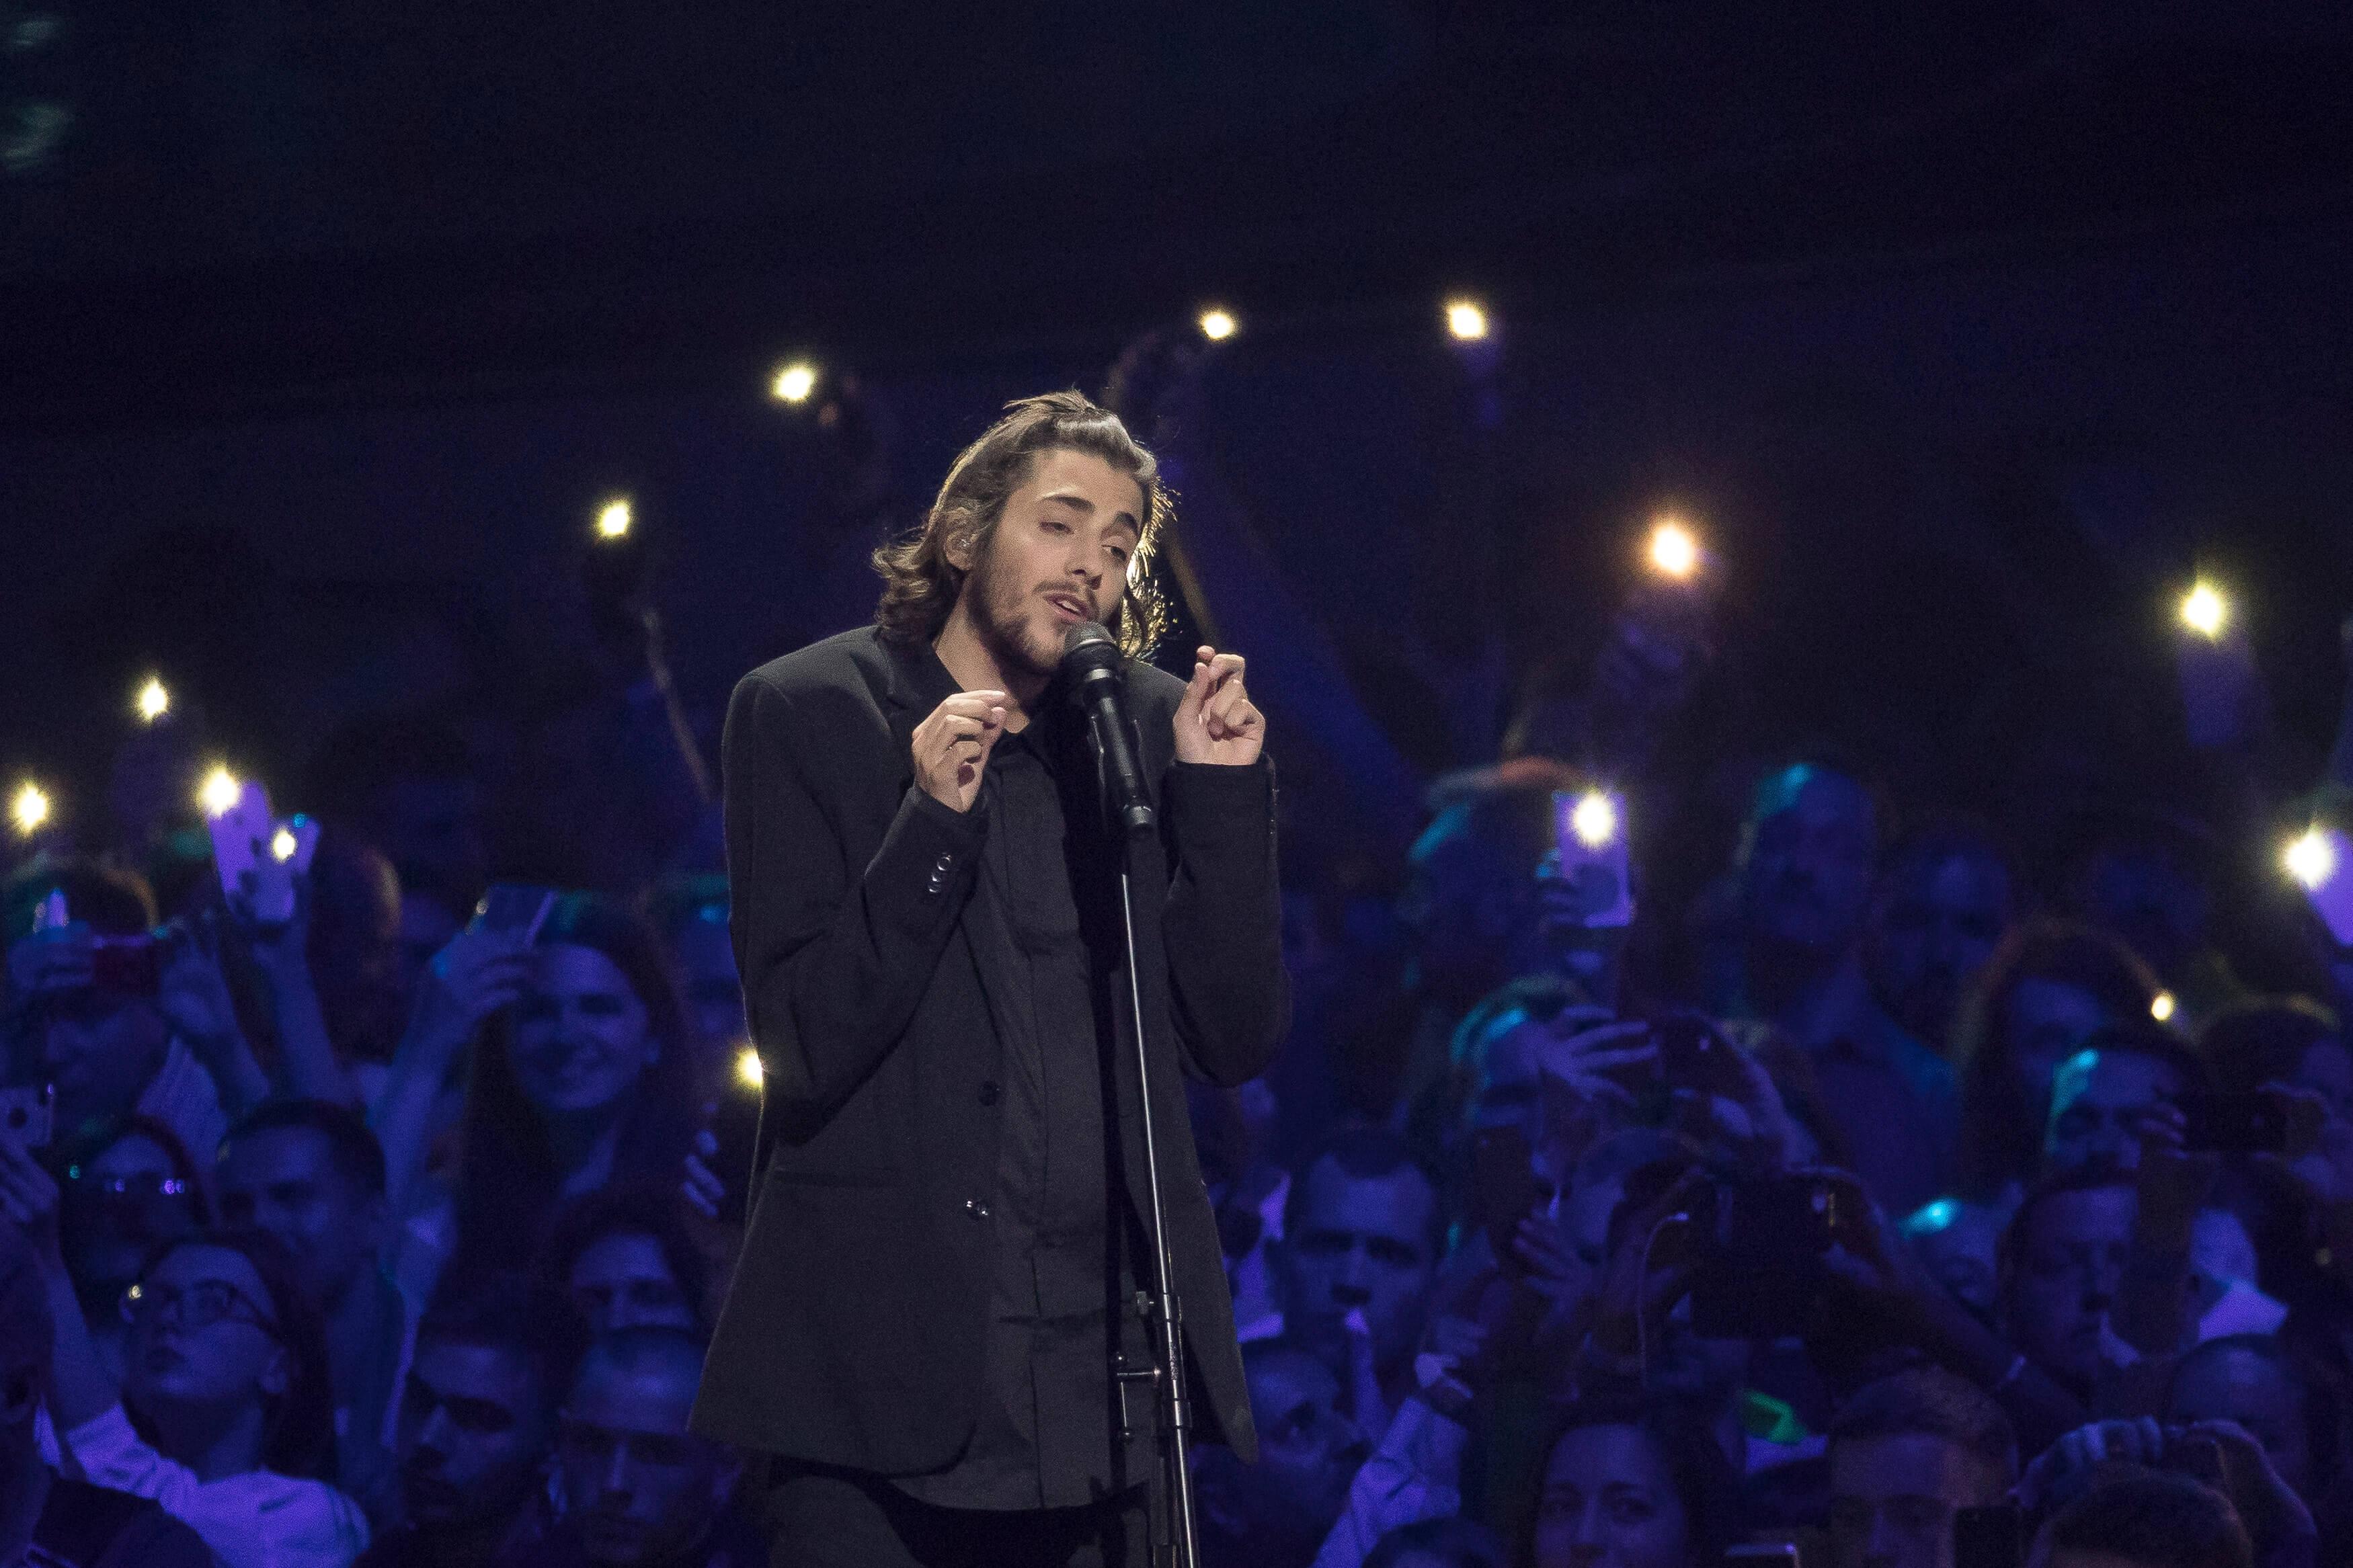 """El ganador de Eurovisión 2017 aplaude la labor de las enfermeras: """"Es la profesión más noble"""""""